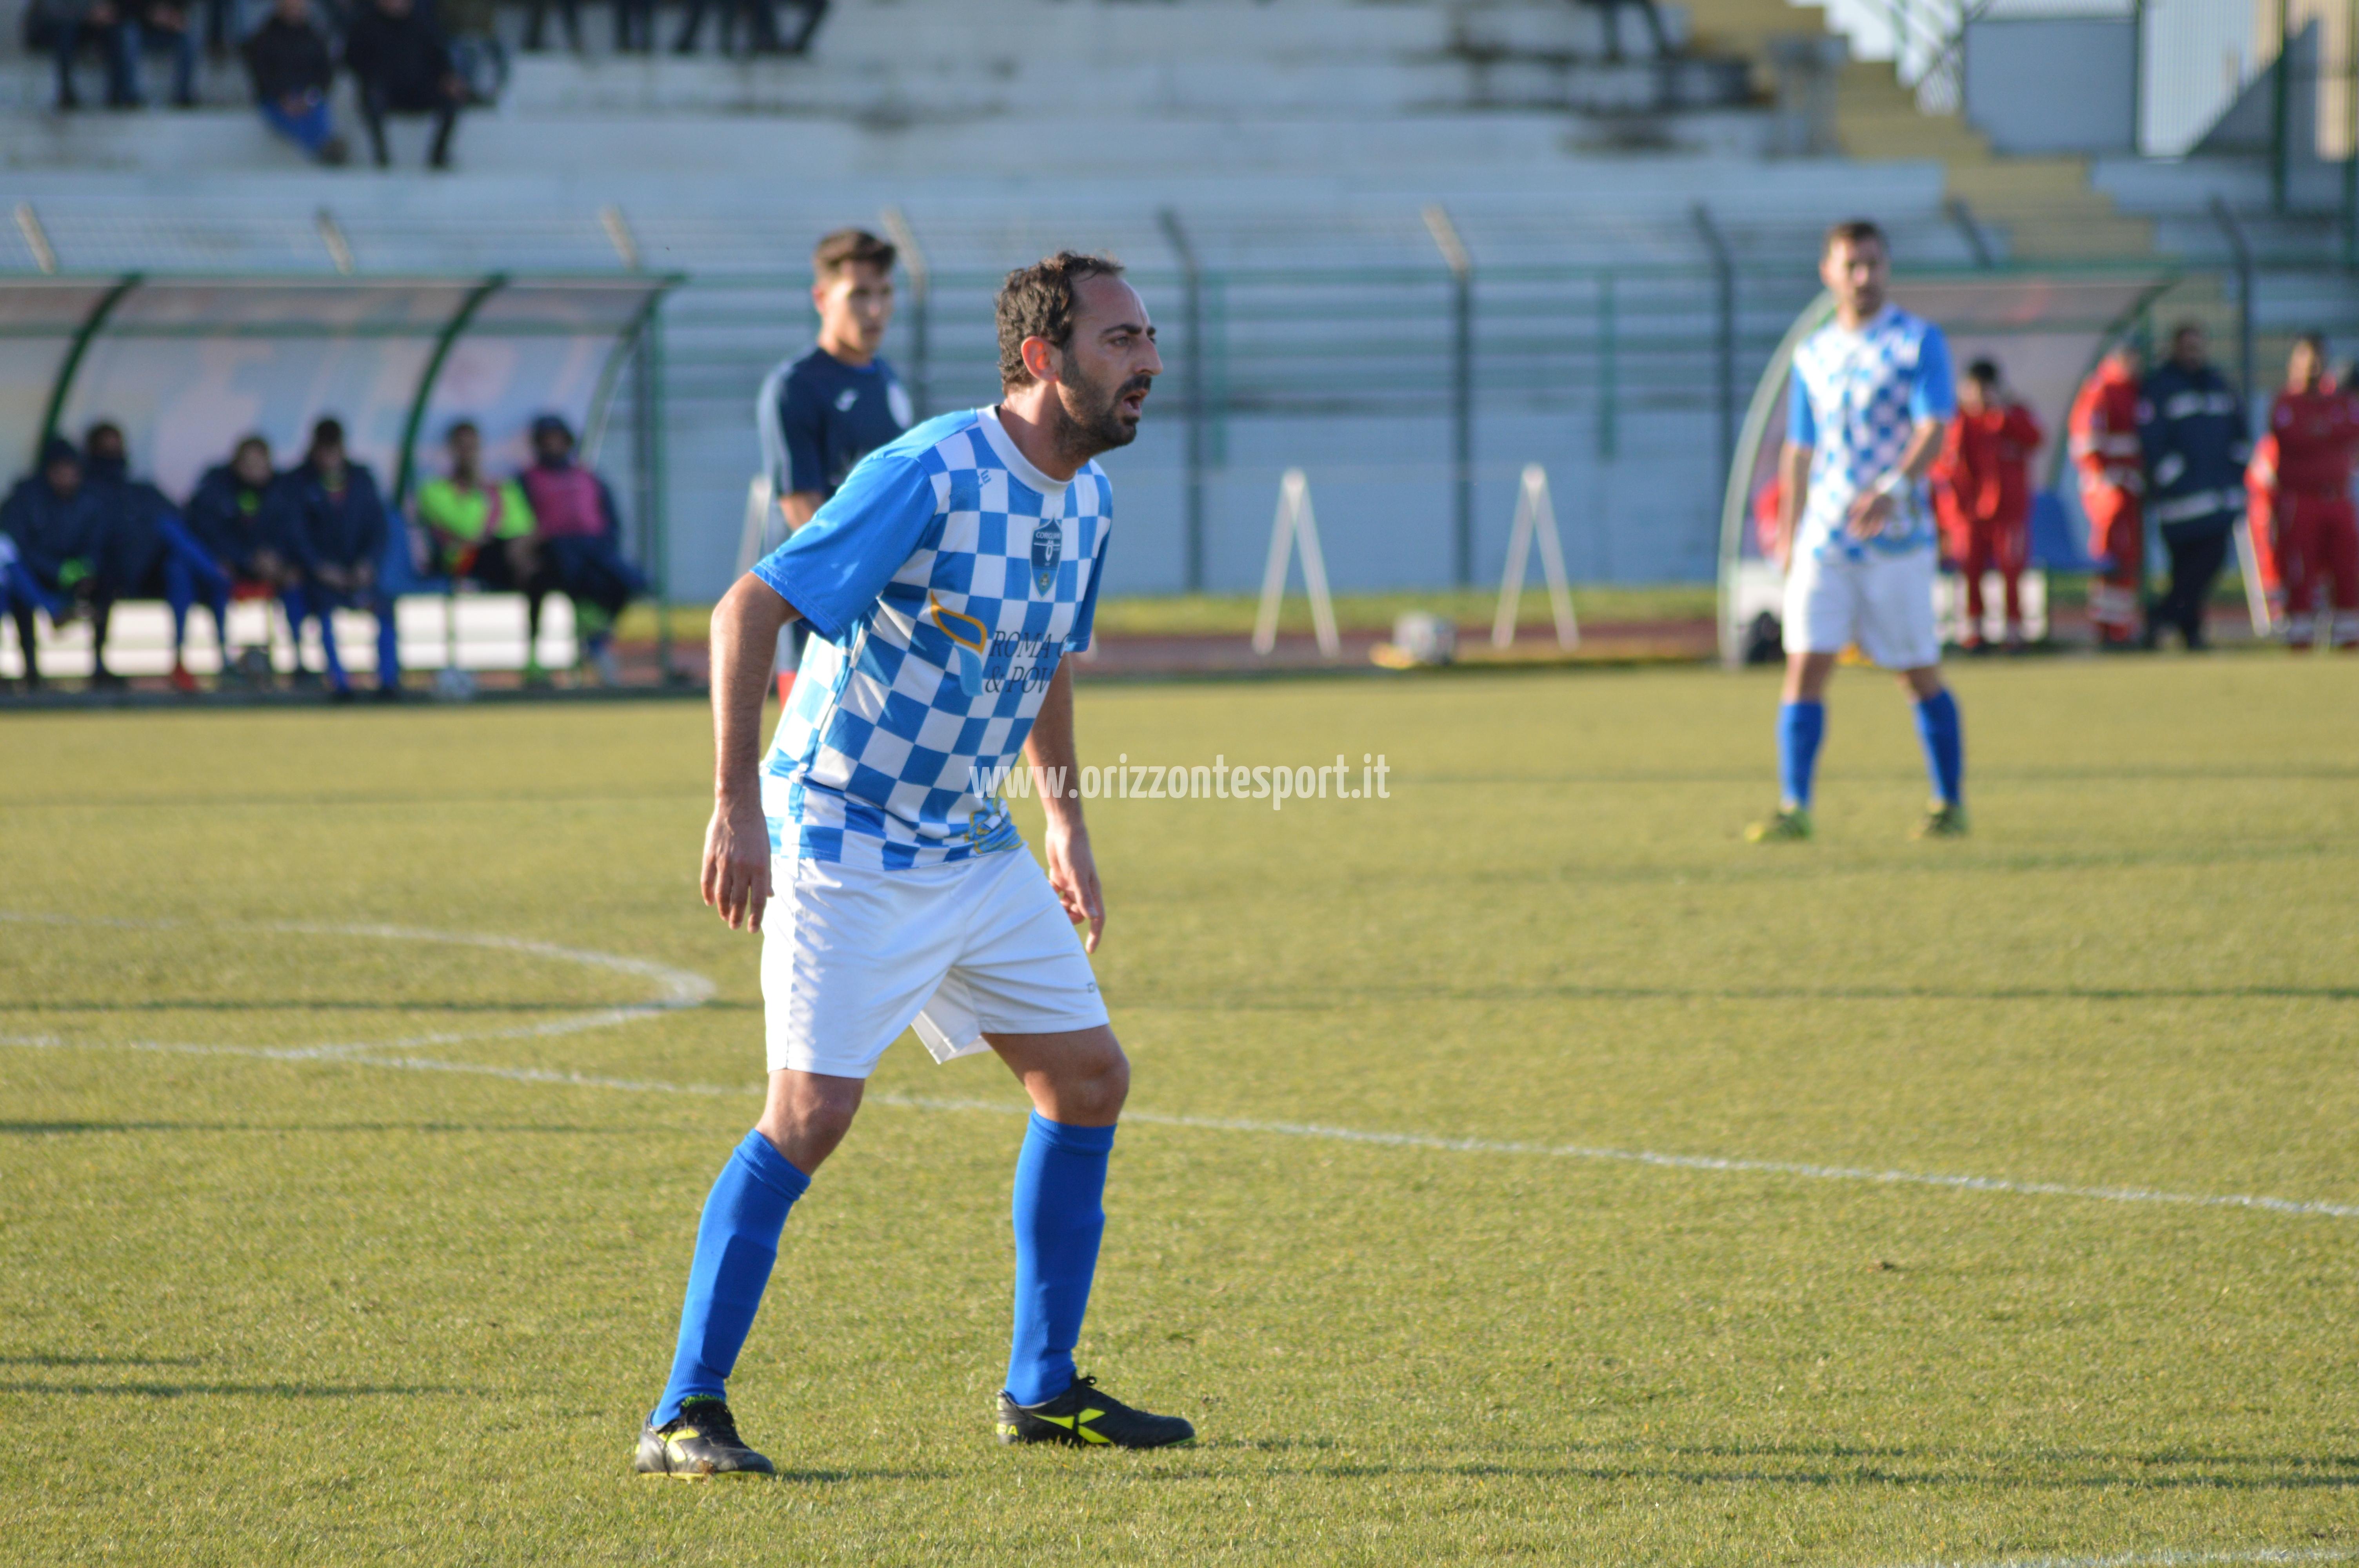 corigliano_gallicocatona (28)